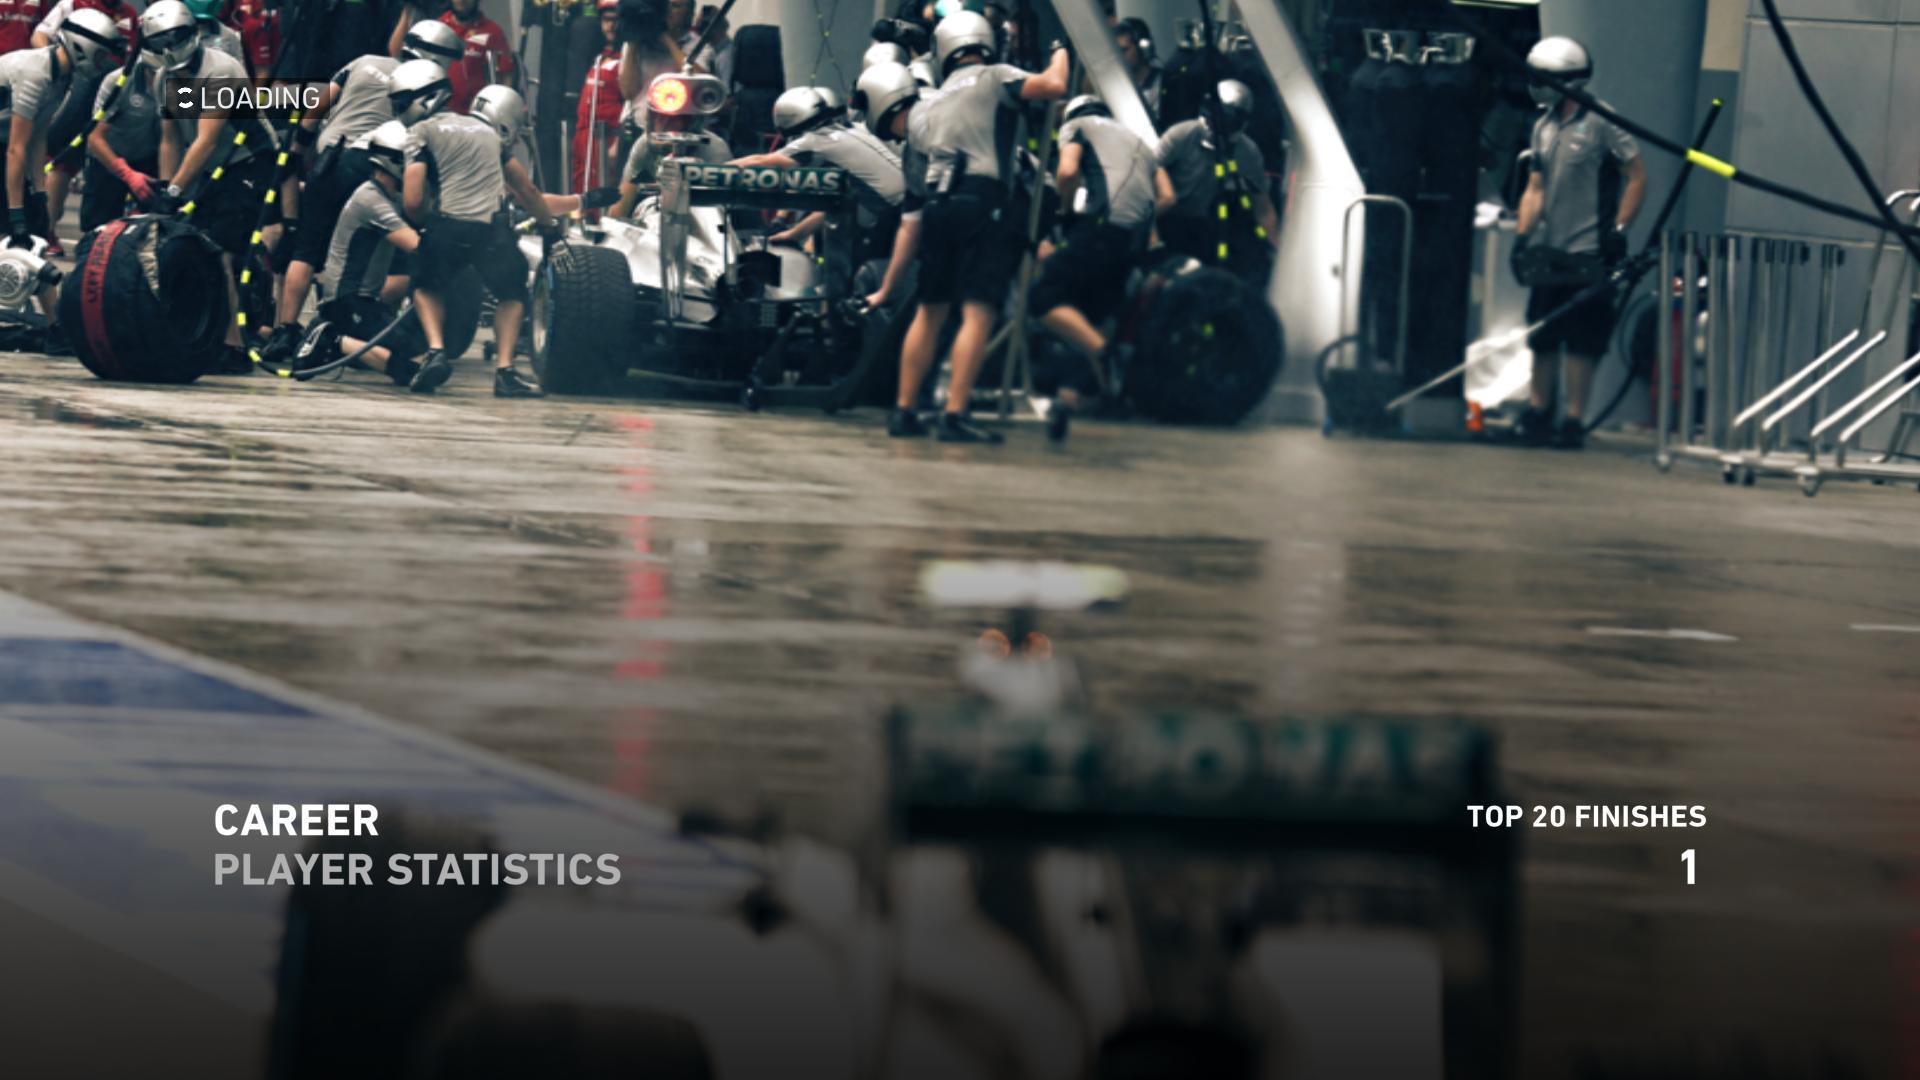 F1 2014 Loading Screen #27